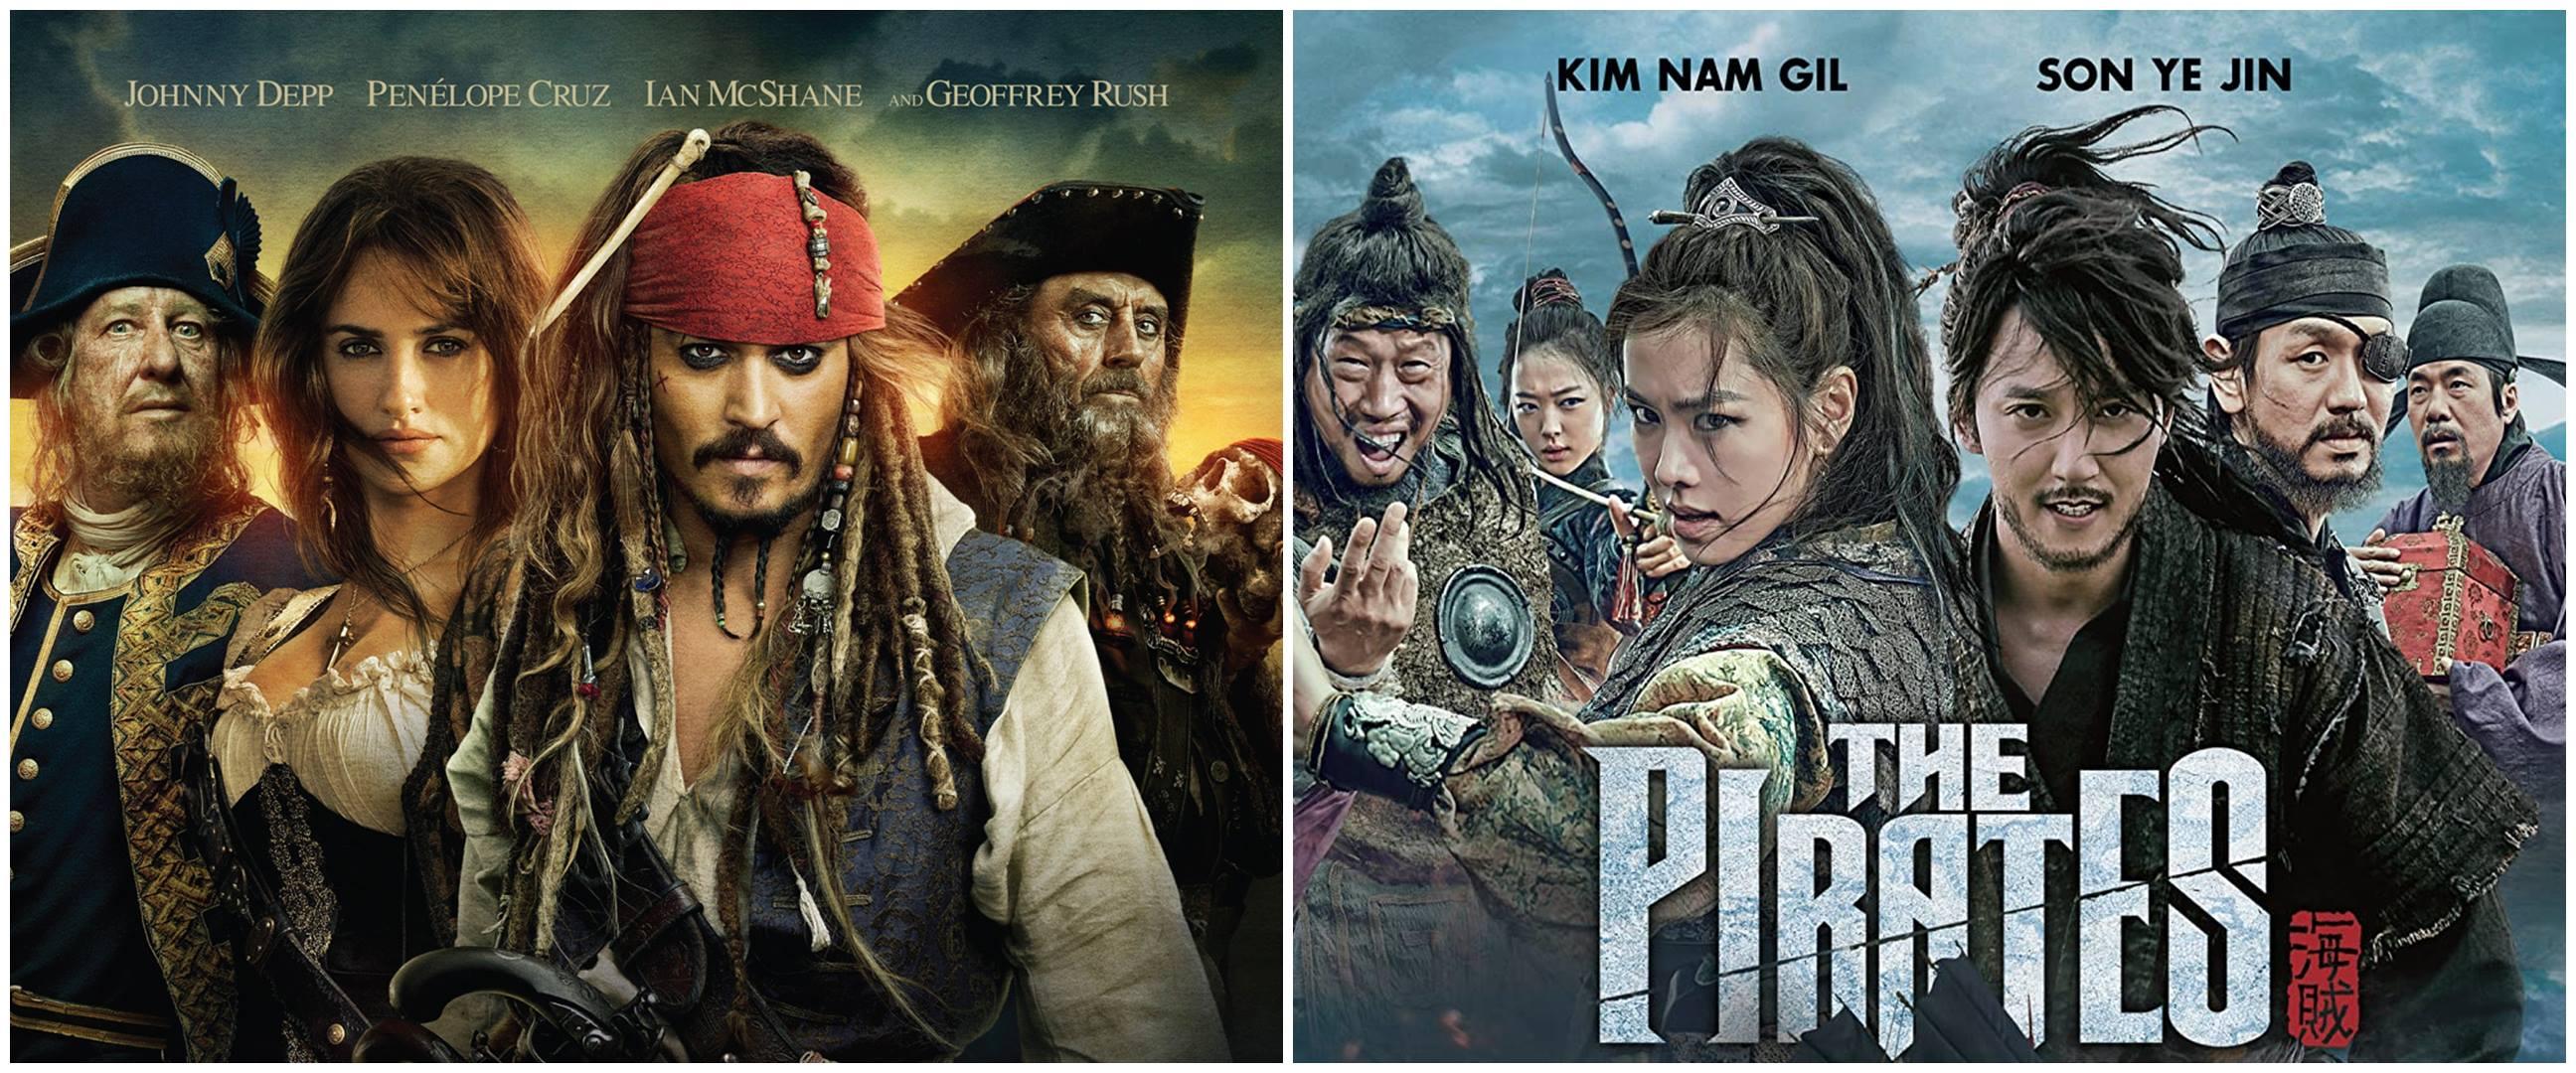 11 Film bertema bajak laut wajib ditonton, kocak sampai menegangkan